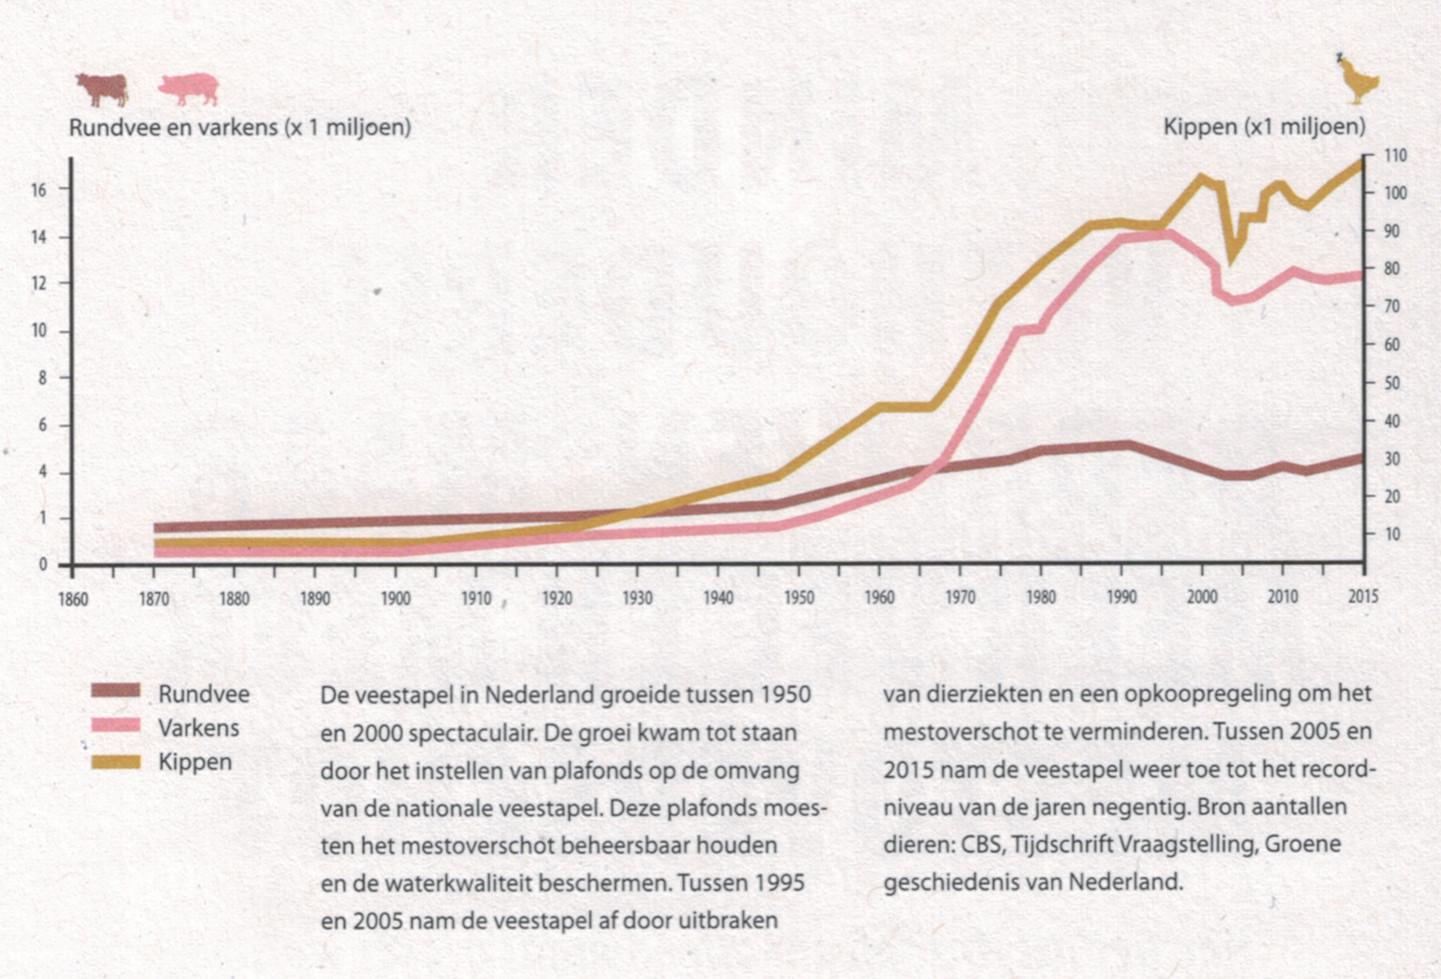 De omvang van de veestapel van 1870-2015